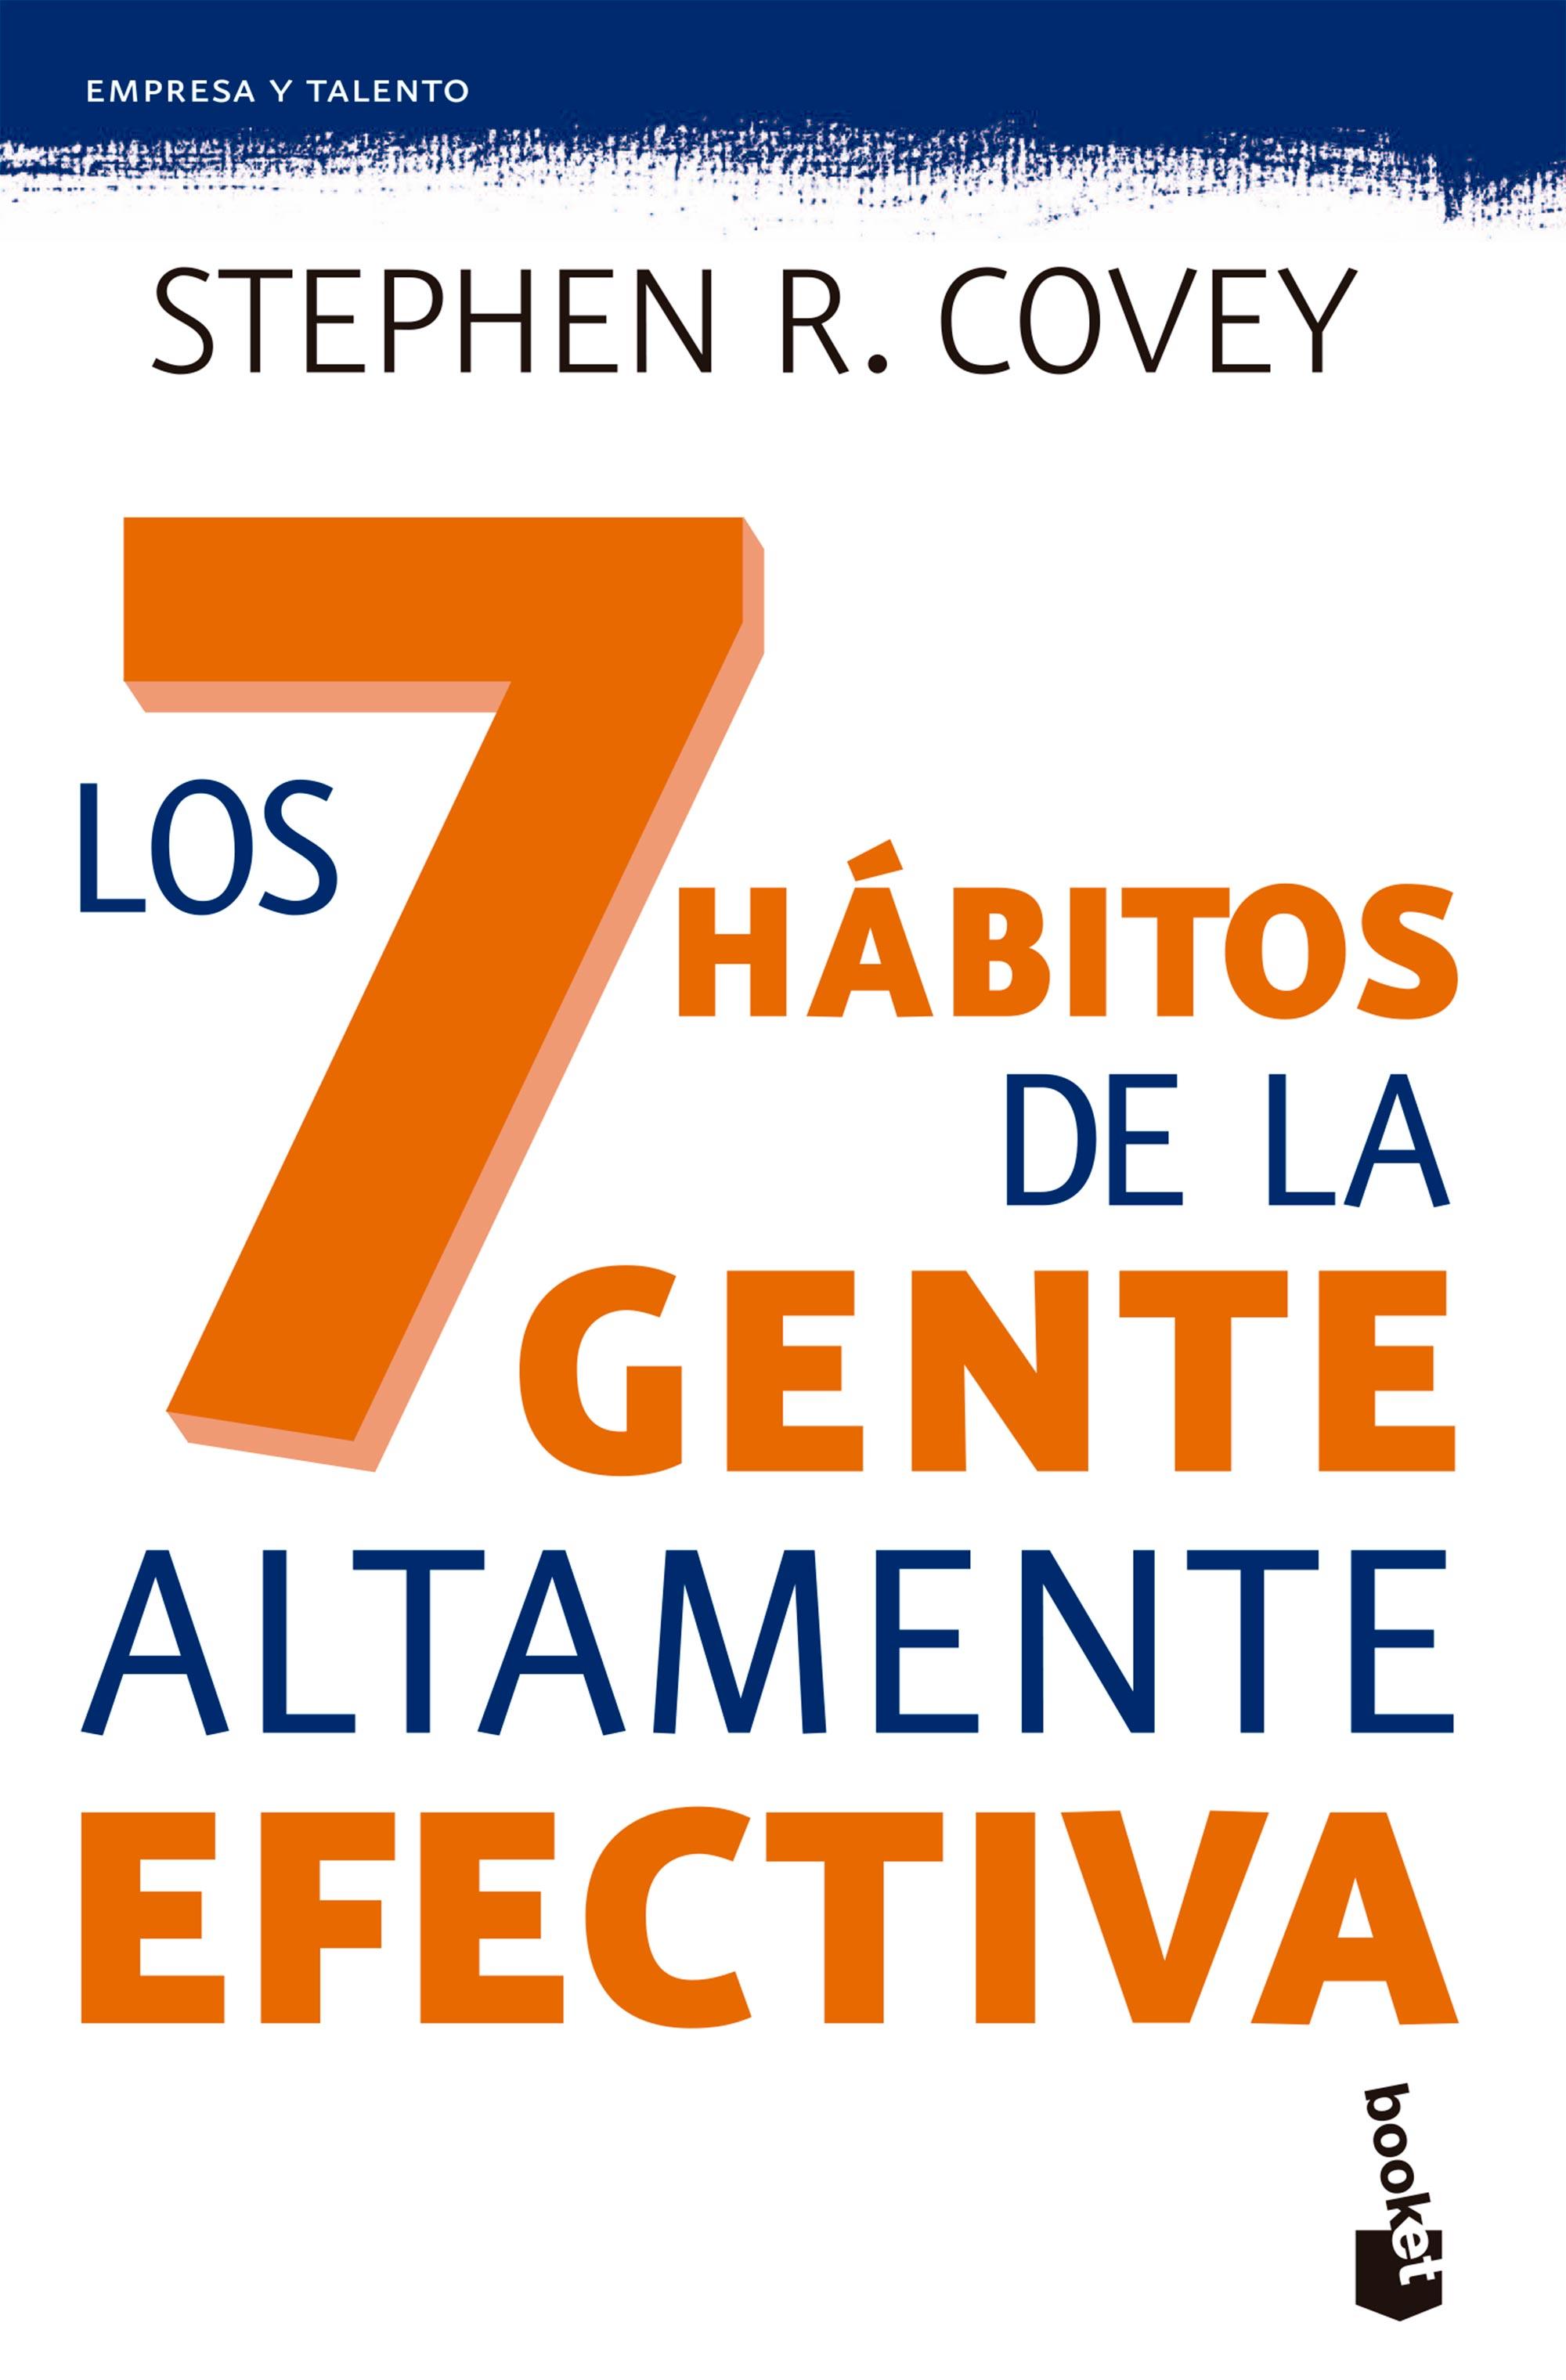 Los 7 Hábitos de la Gente Altamente Efectiva - Stephen R. Covey - Booket